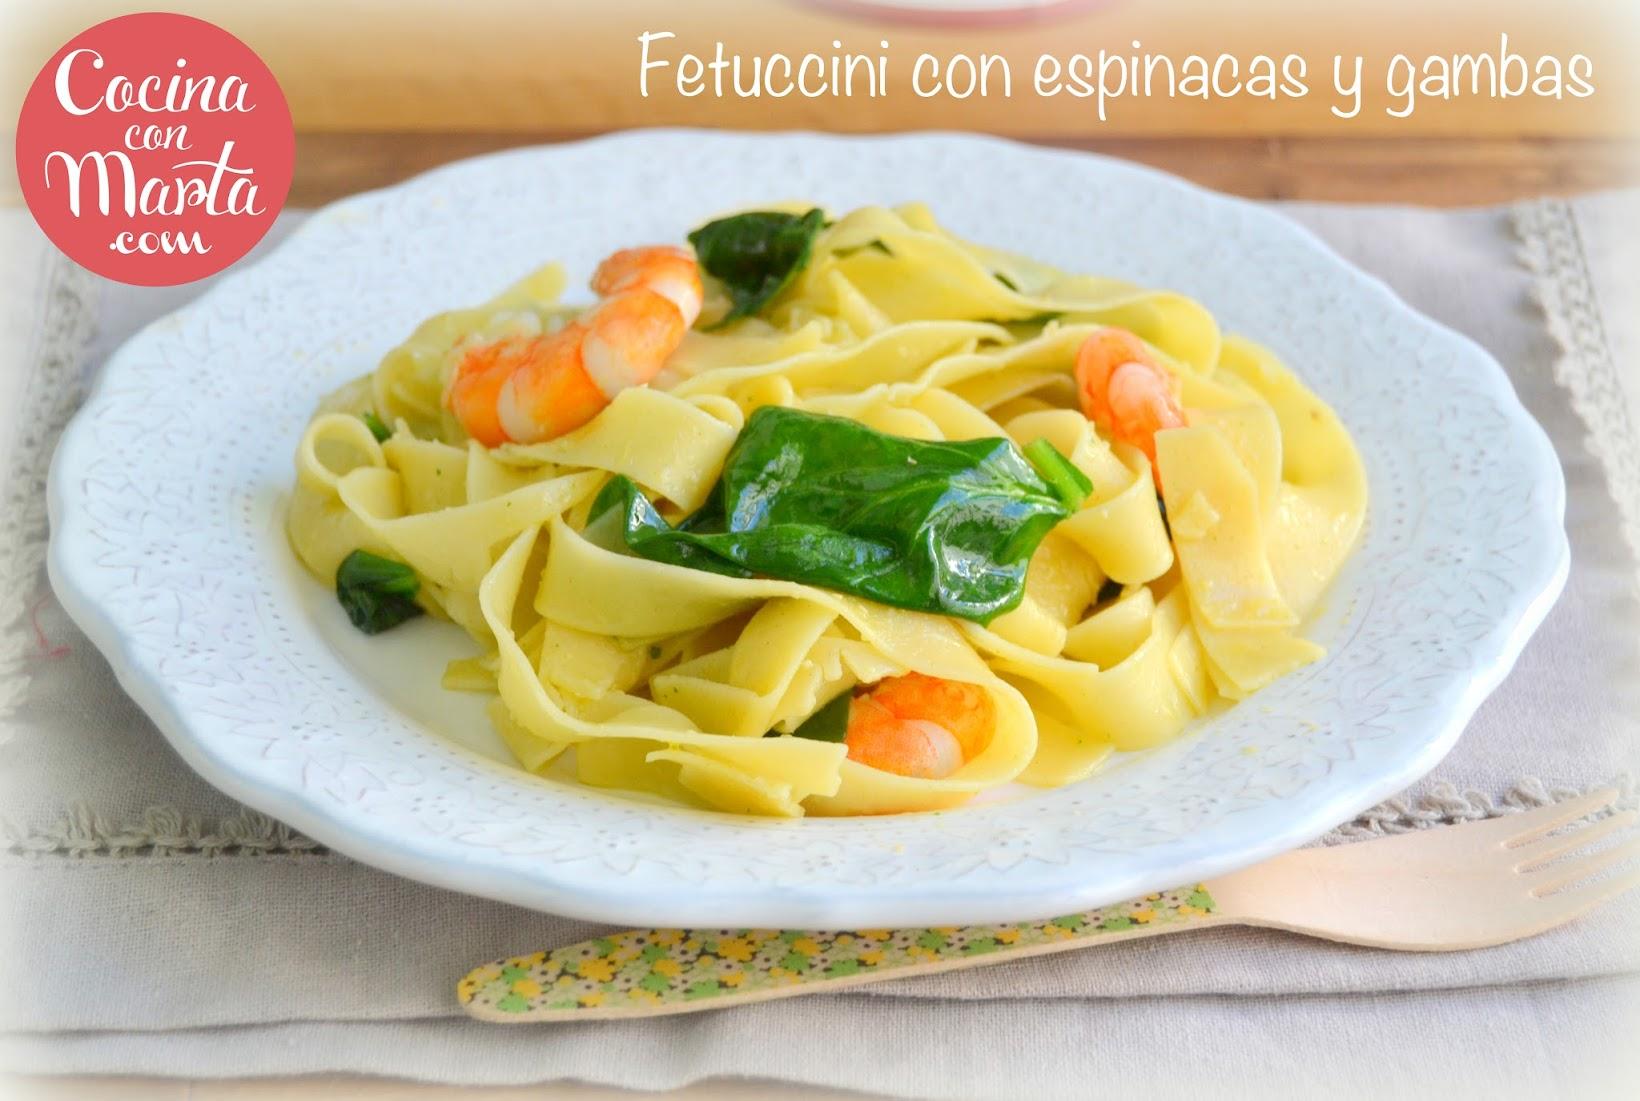 Fetuccini con espinacas y gambas, langostinos, pasta al punto, ajo, perejil, pasta, tallarines, pasta fresca, para niños, fácil, rápida, cocina con marta